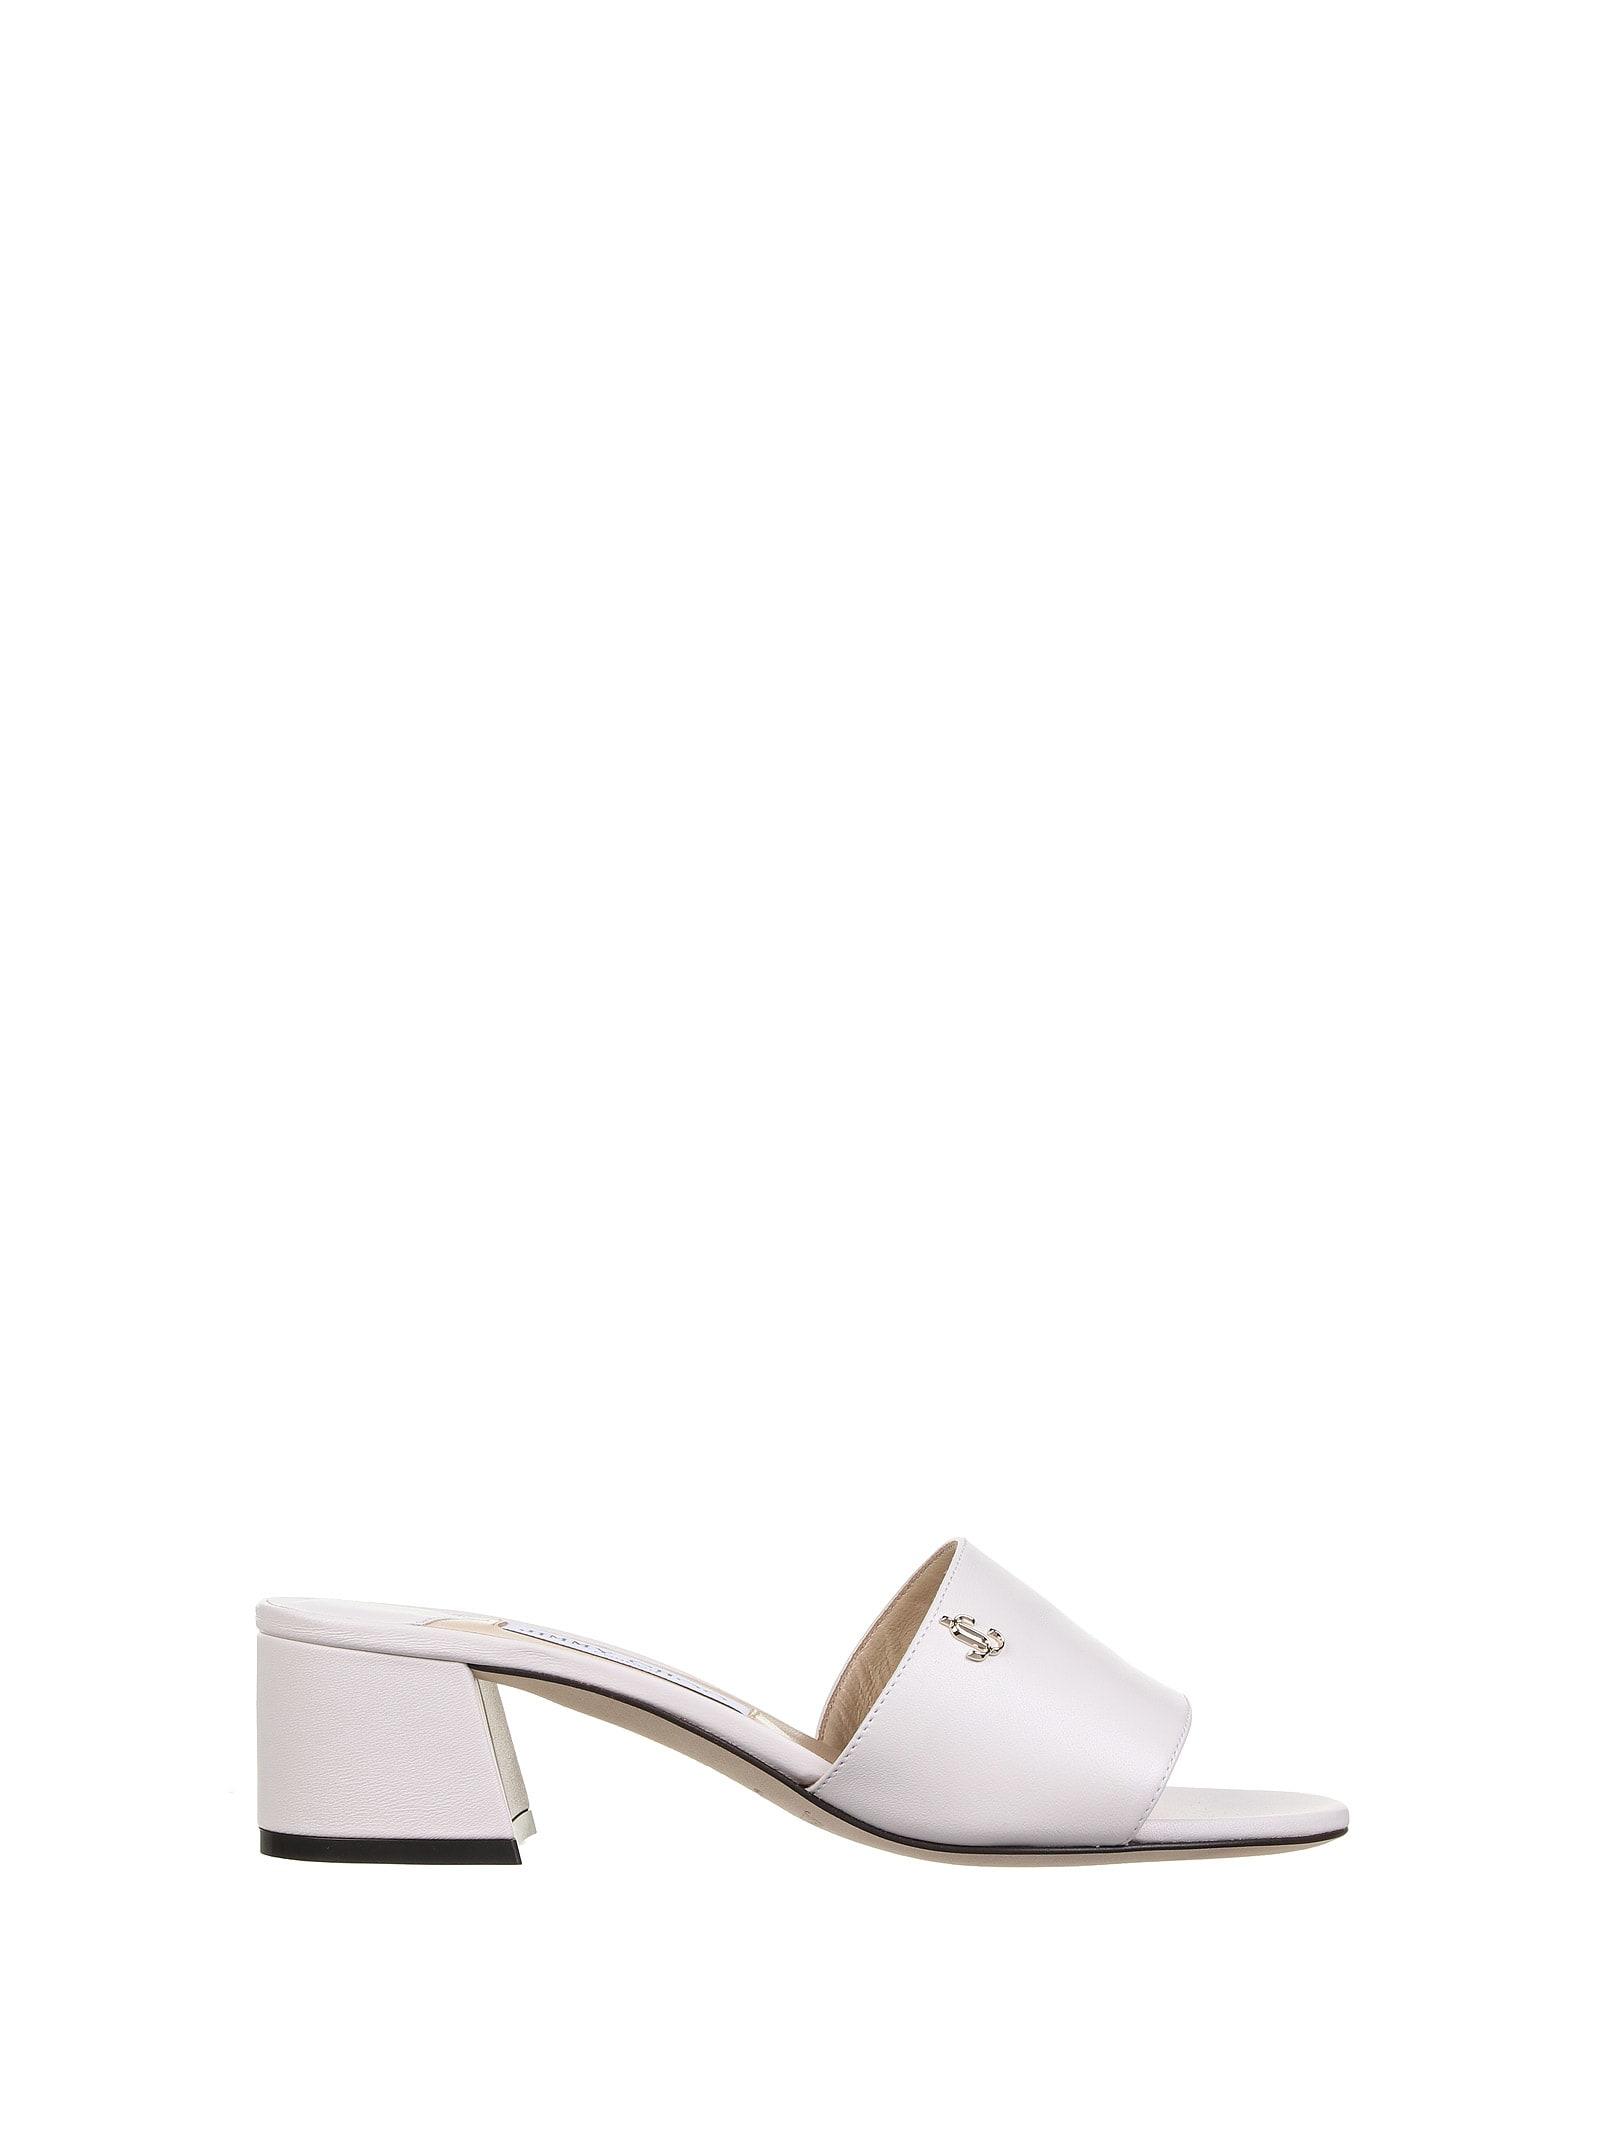 Jimmy Choo Jimmy Choo Minea Sandals